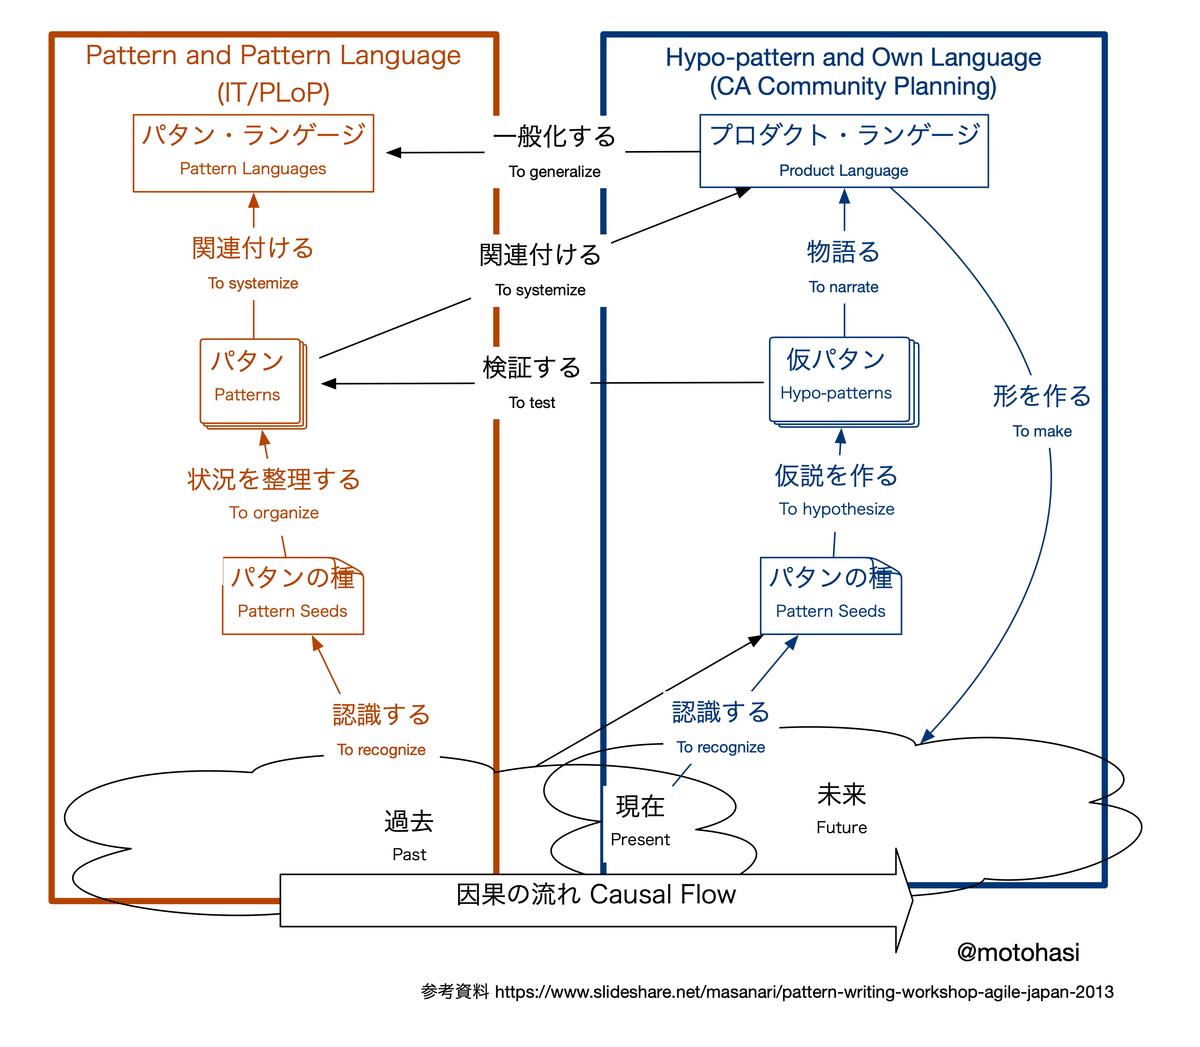 f:id:masanari:20200512101436p:plain